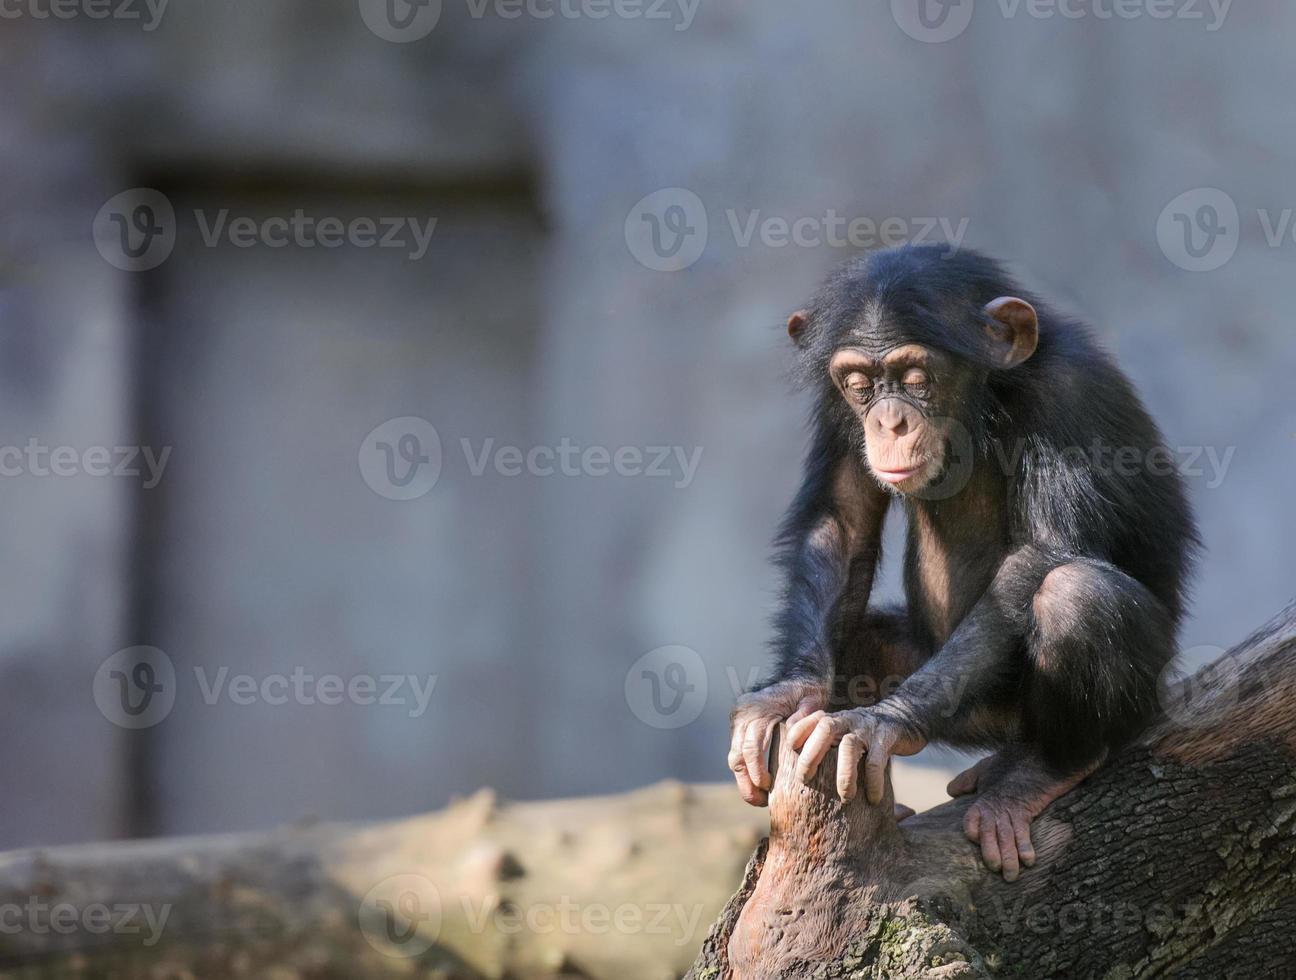 pequeno chimpanzé em pensamentos profundos ou meditação foto